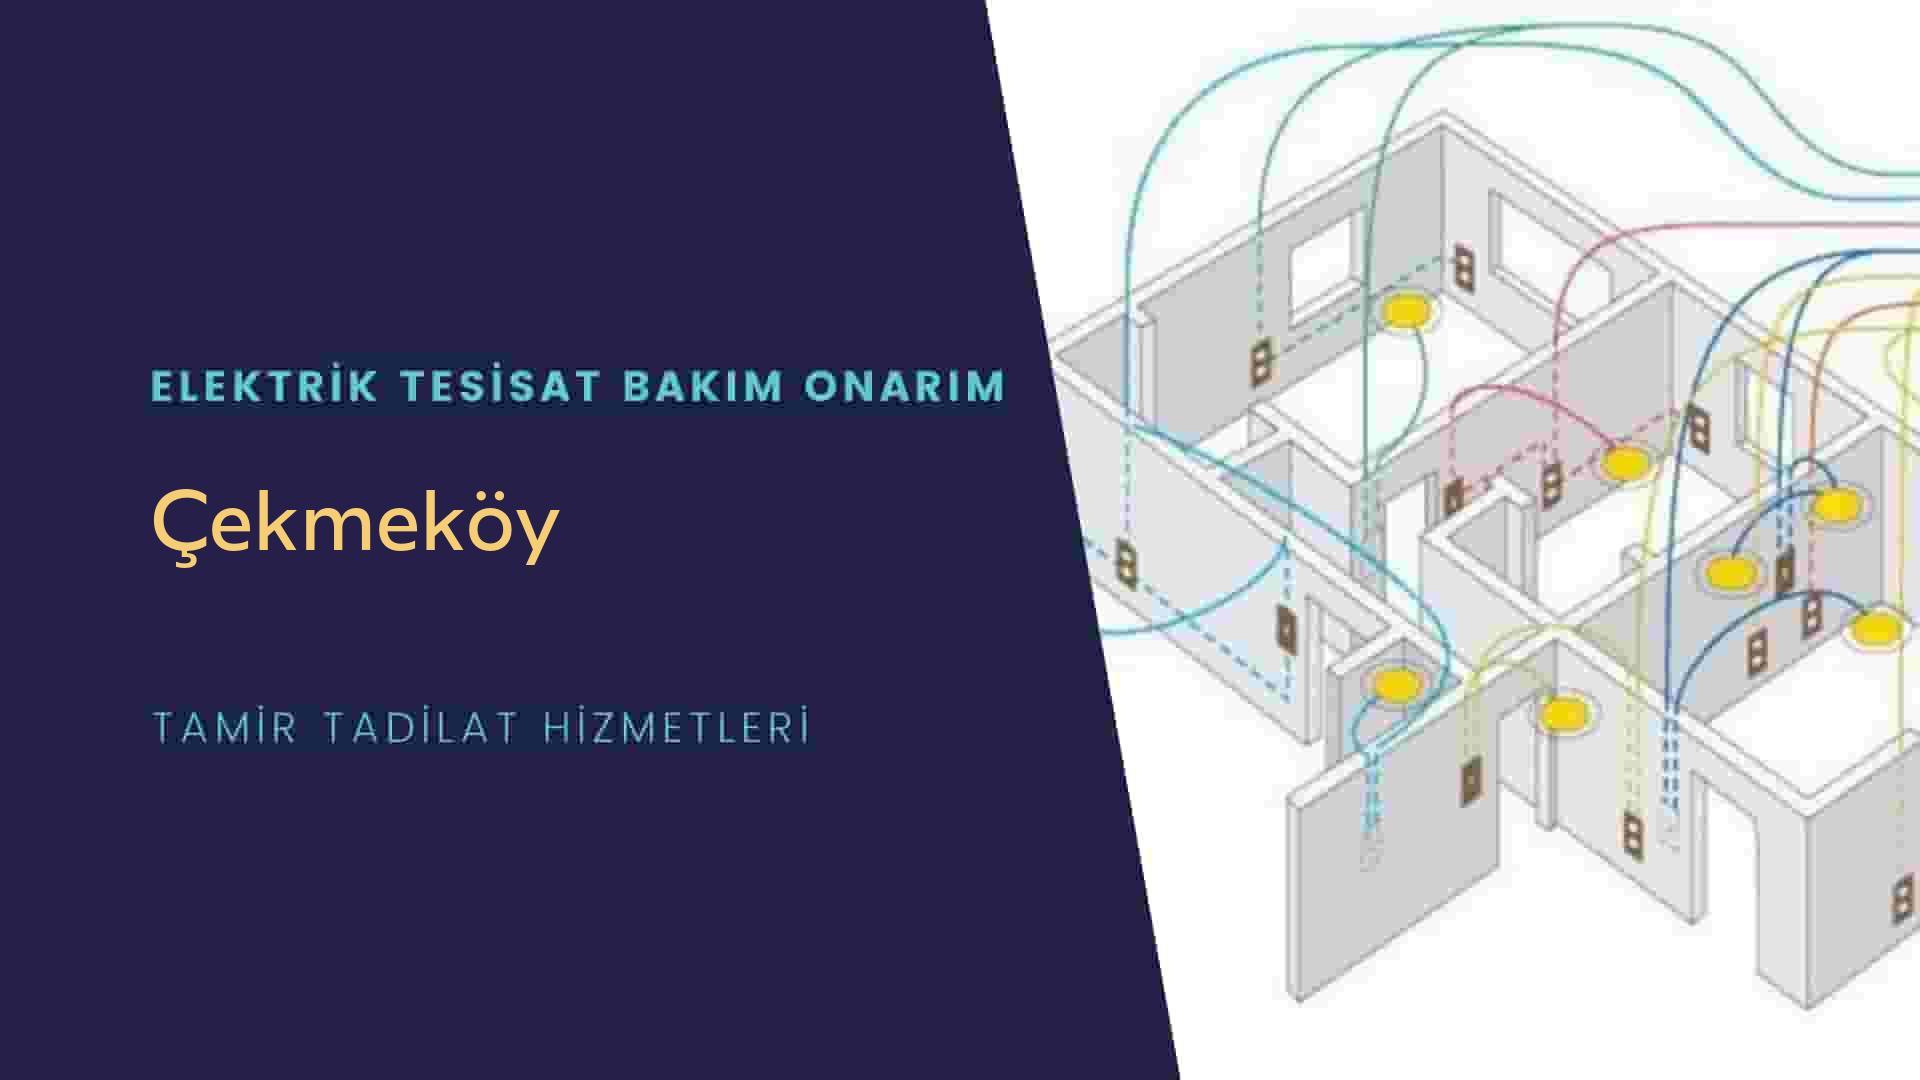 Çekmeköy'de elektrik tesisatıustalarımı arıyorsunuz doğru adrestenizi Çekmeköy elektrik tesisatı ustalarımız 7/24 sizlere hizmet vermekten mutluluk duyar.